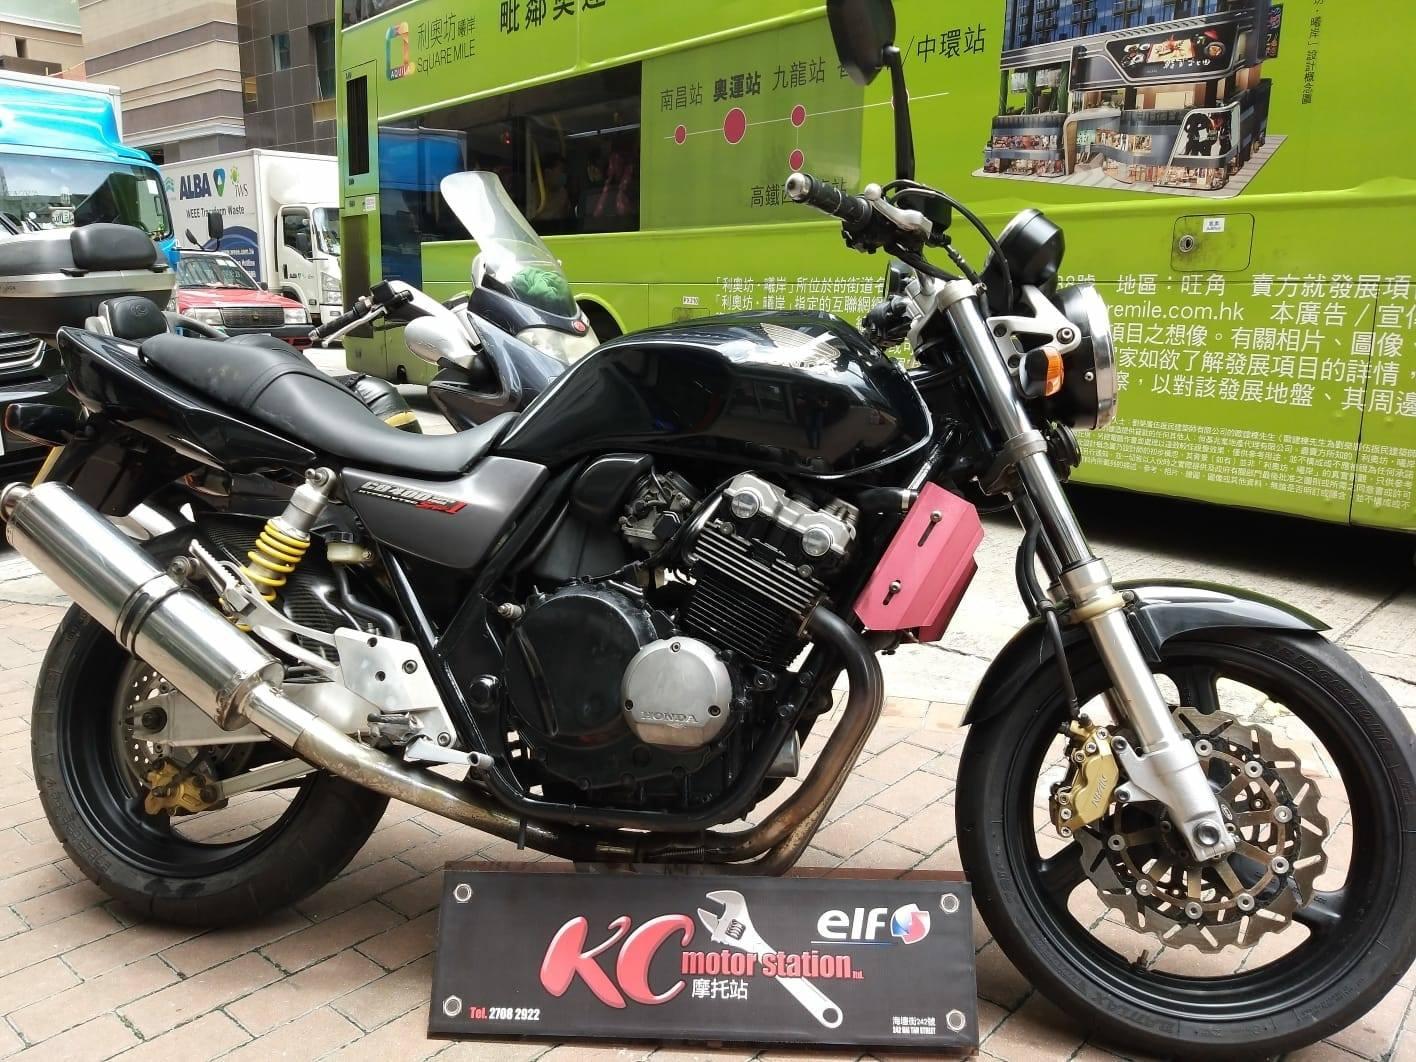 HONDA CB400SF 1999    -「Webike摩托車市」